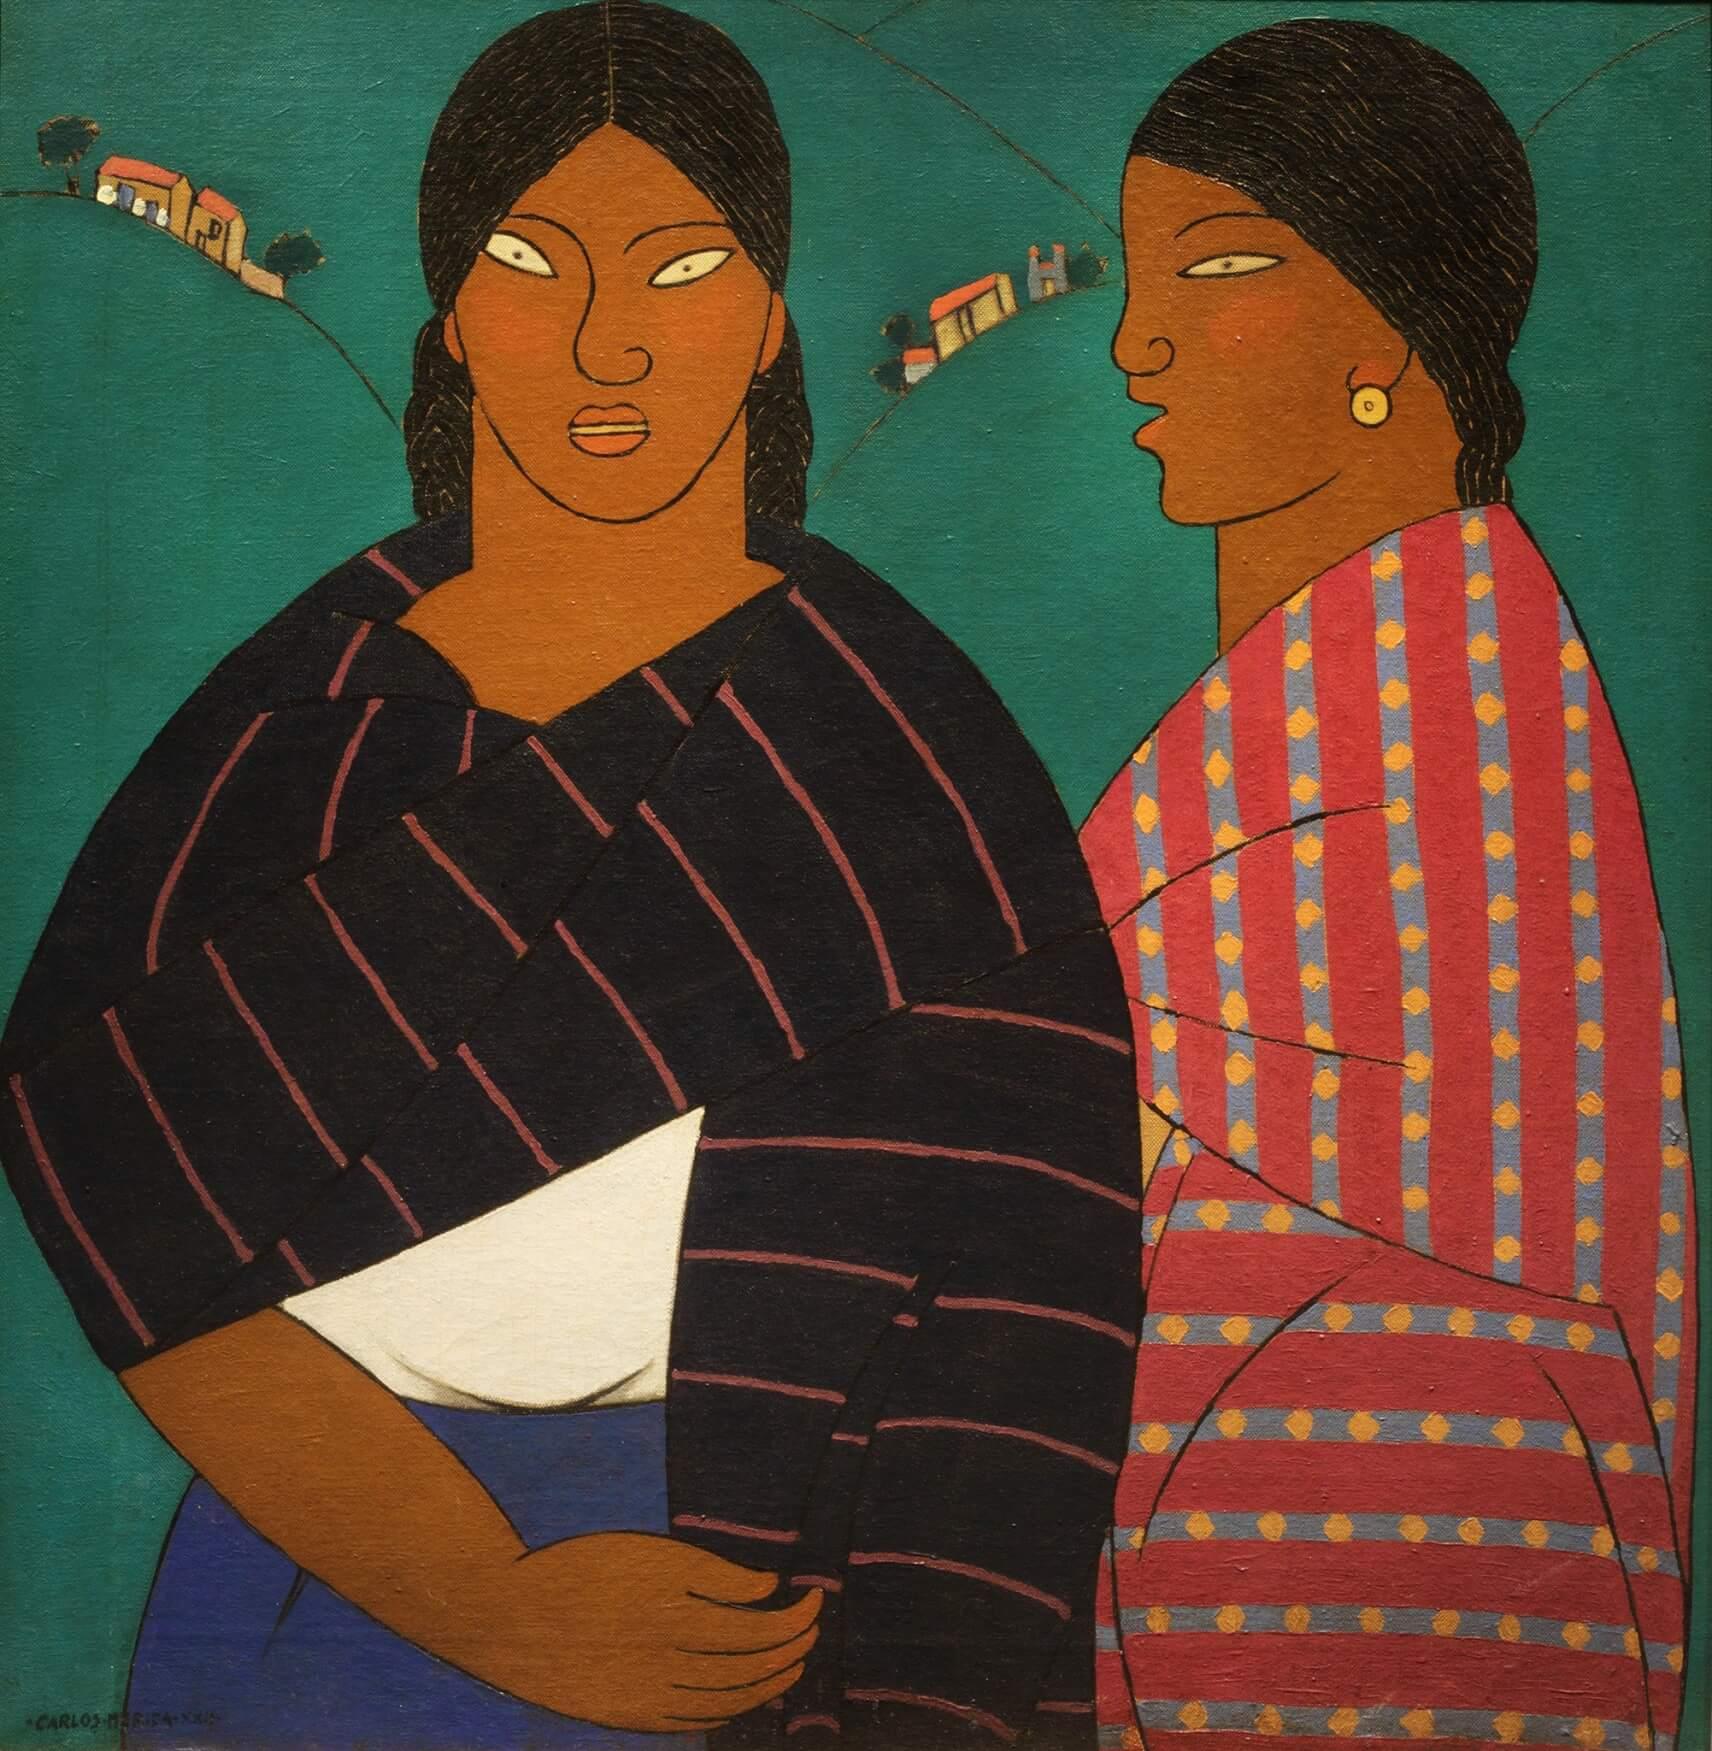 Pintura de dos mujeres indígenas con rebozos